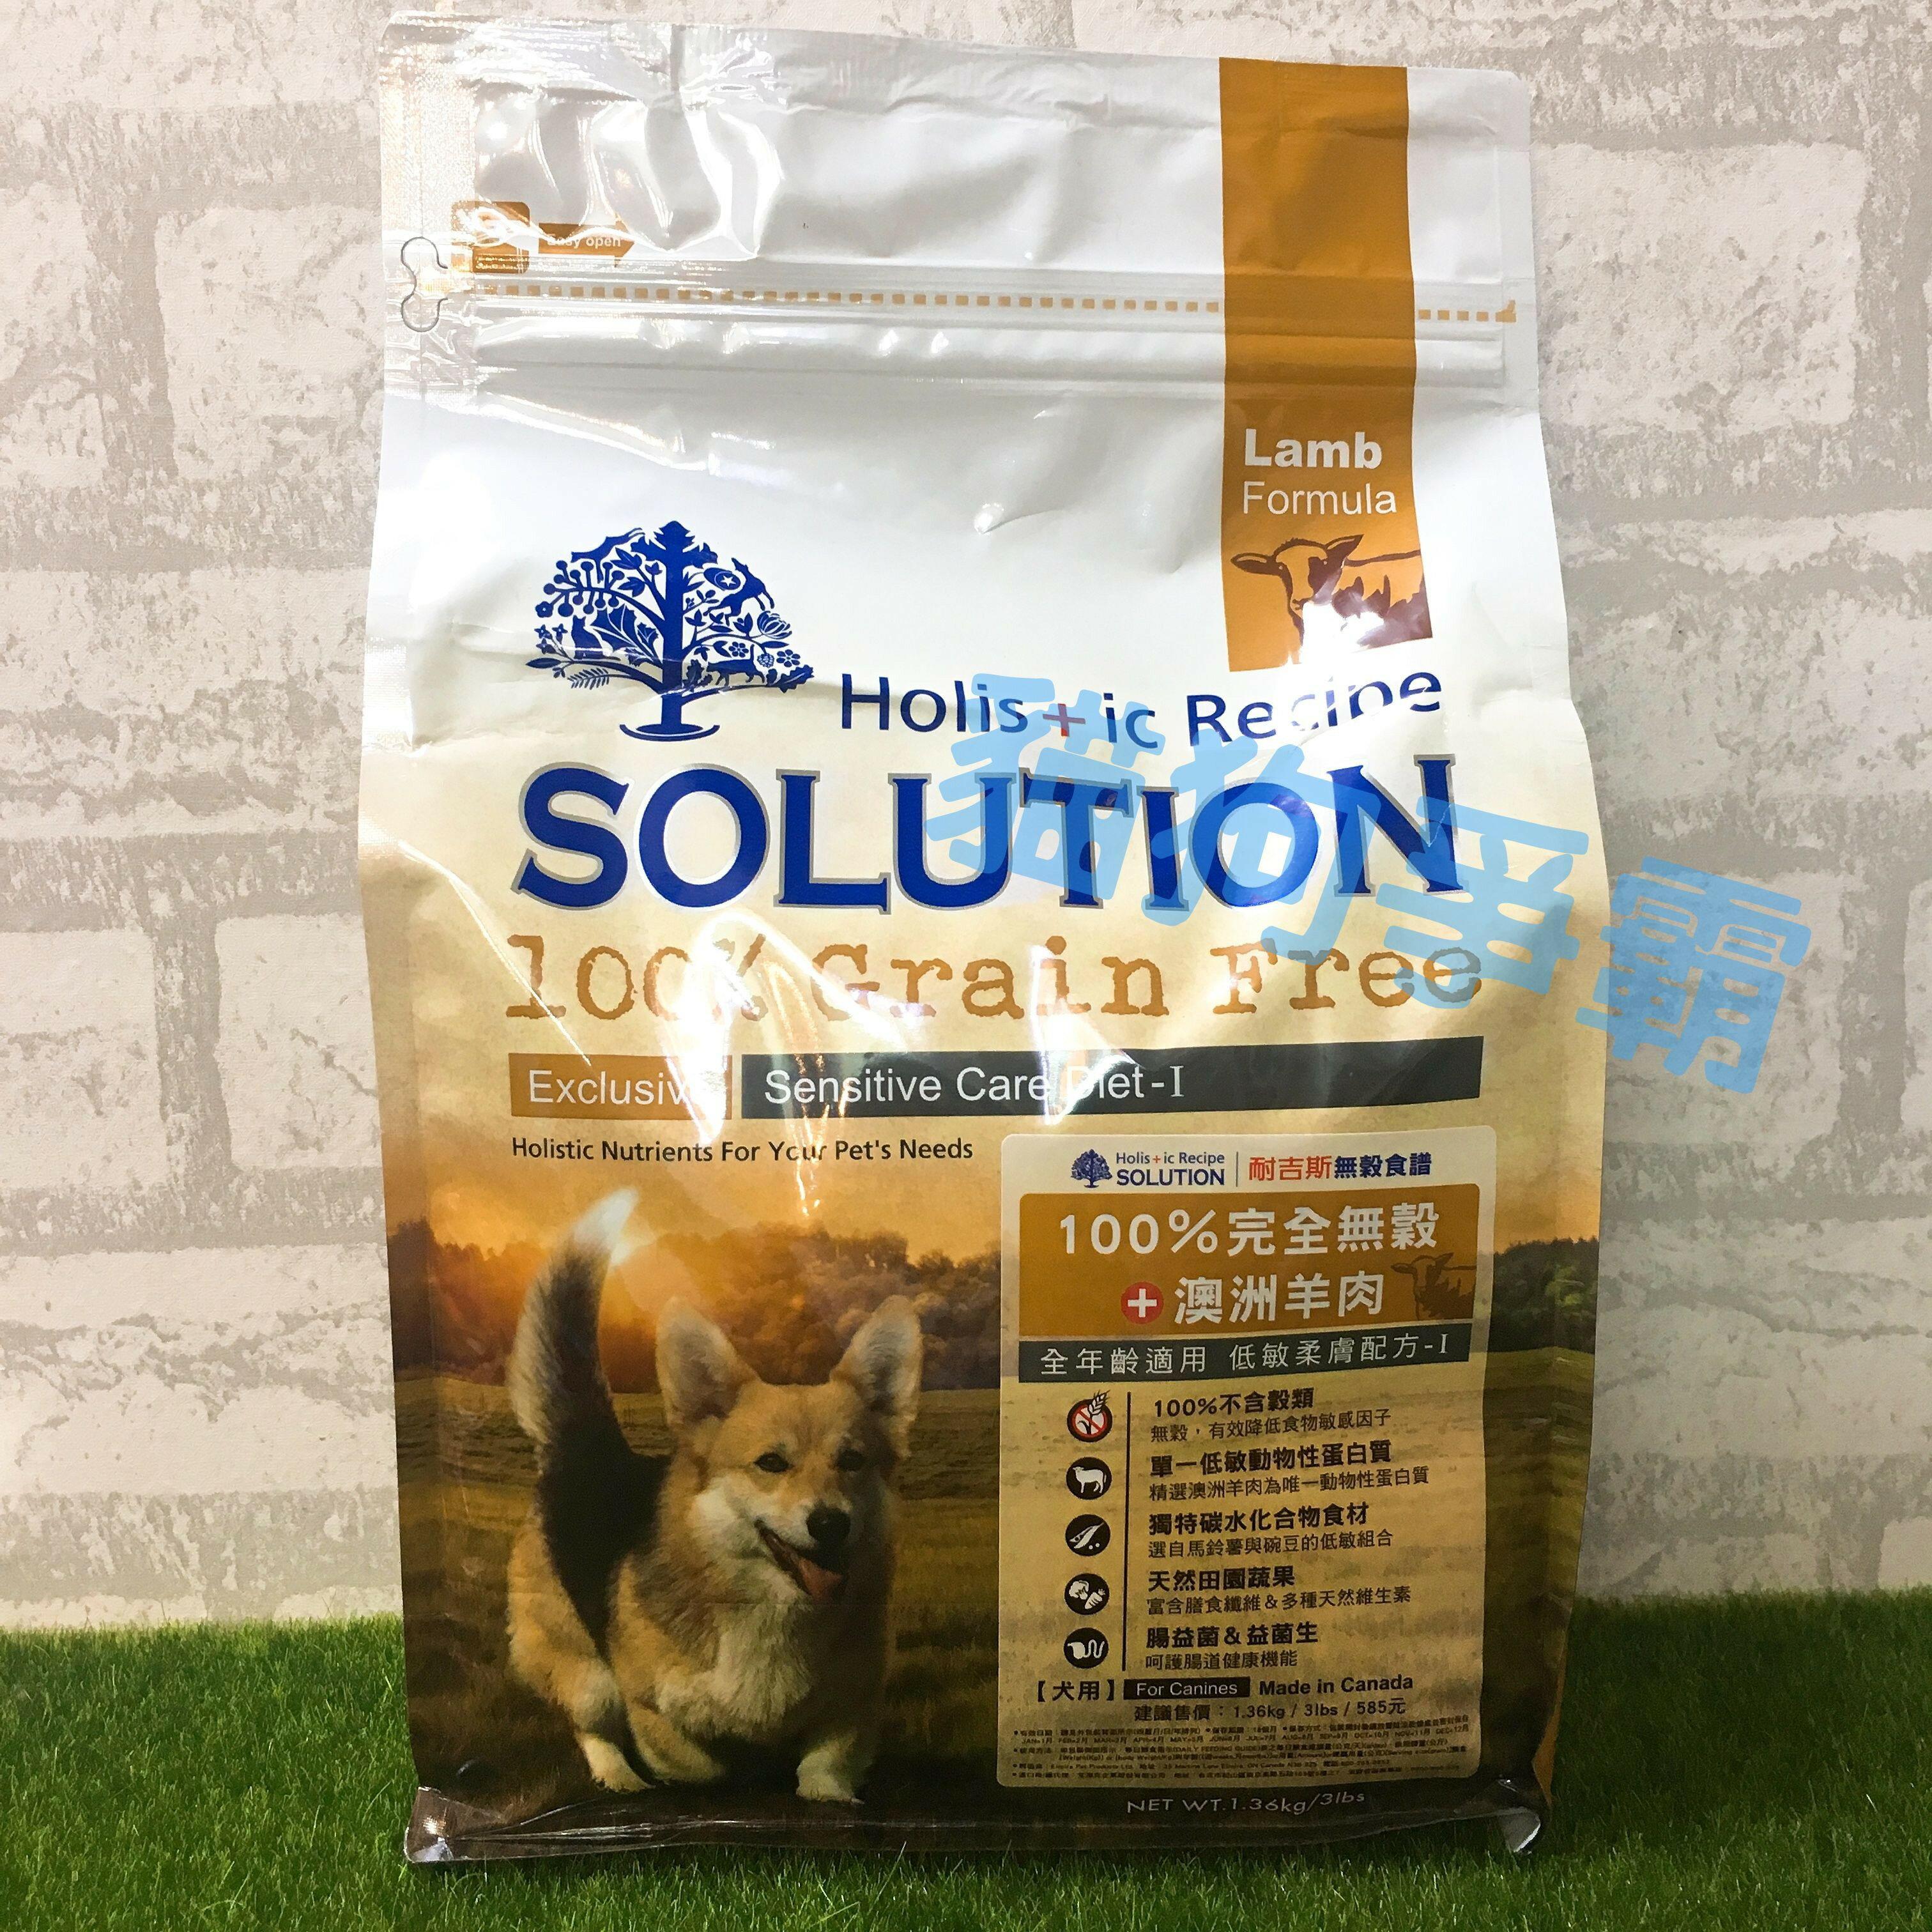 SOLUTION 耐吉斯狗 全齡犬 3磅 澳洲羊肉 低敏柔膚配方-Ⅰ 成犬飼料 幼犬飼料 老犬飼料 無穀狗飼料 狗飼料